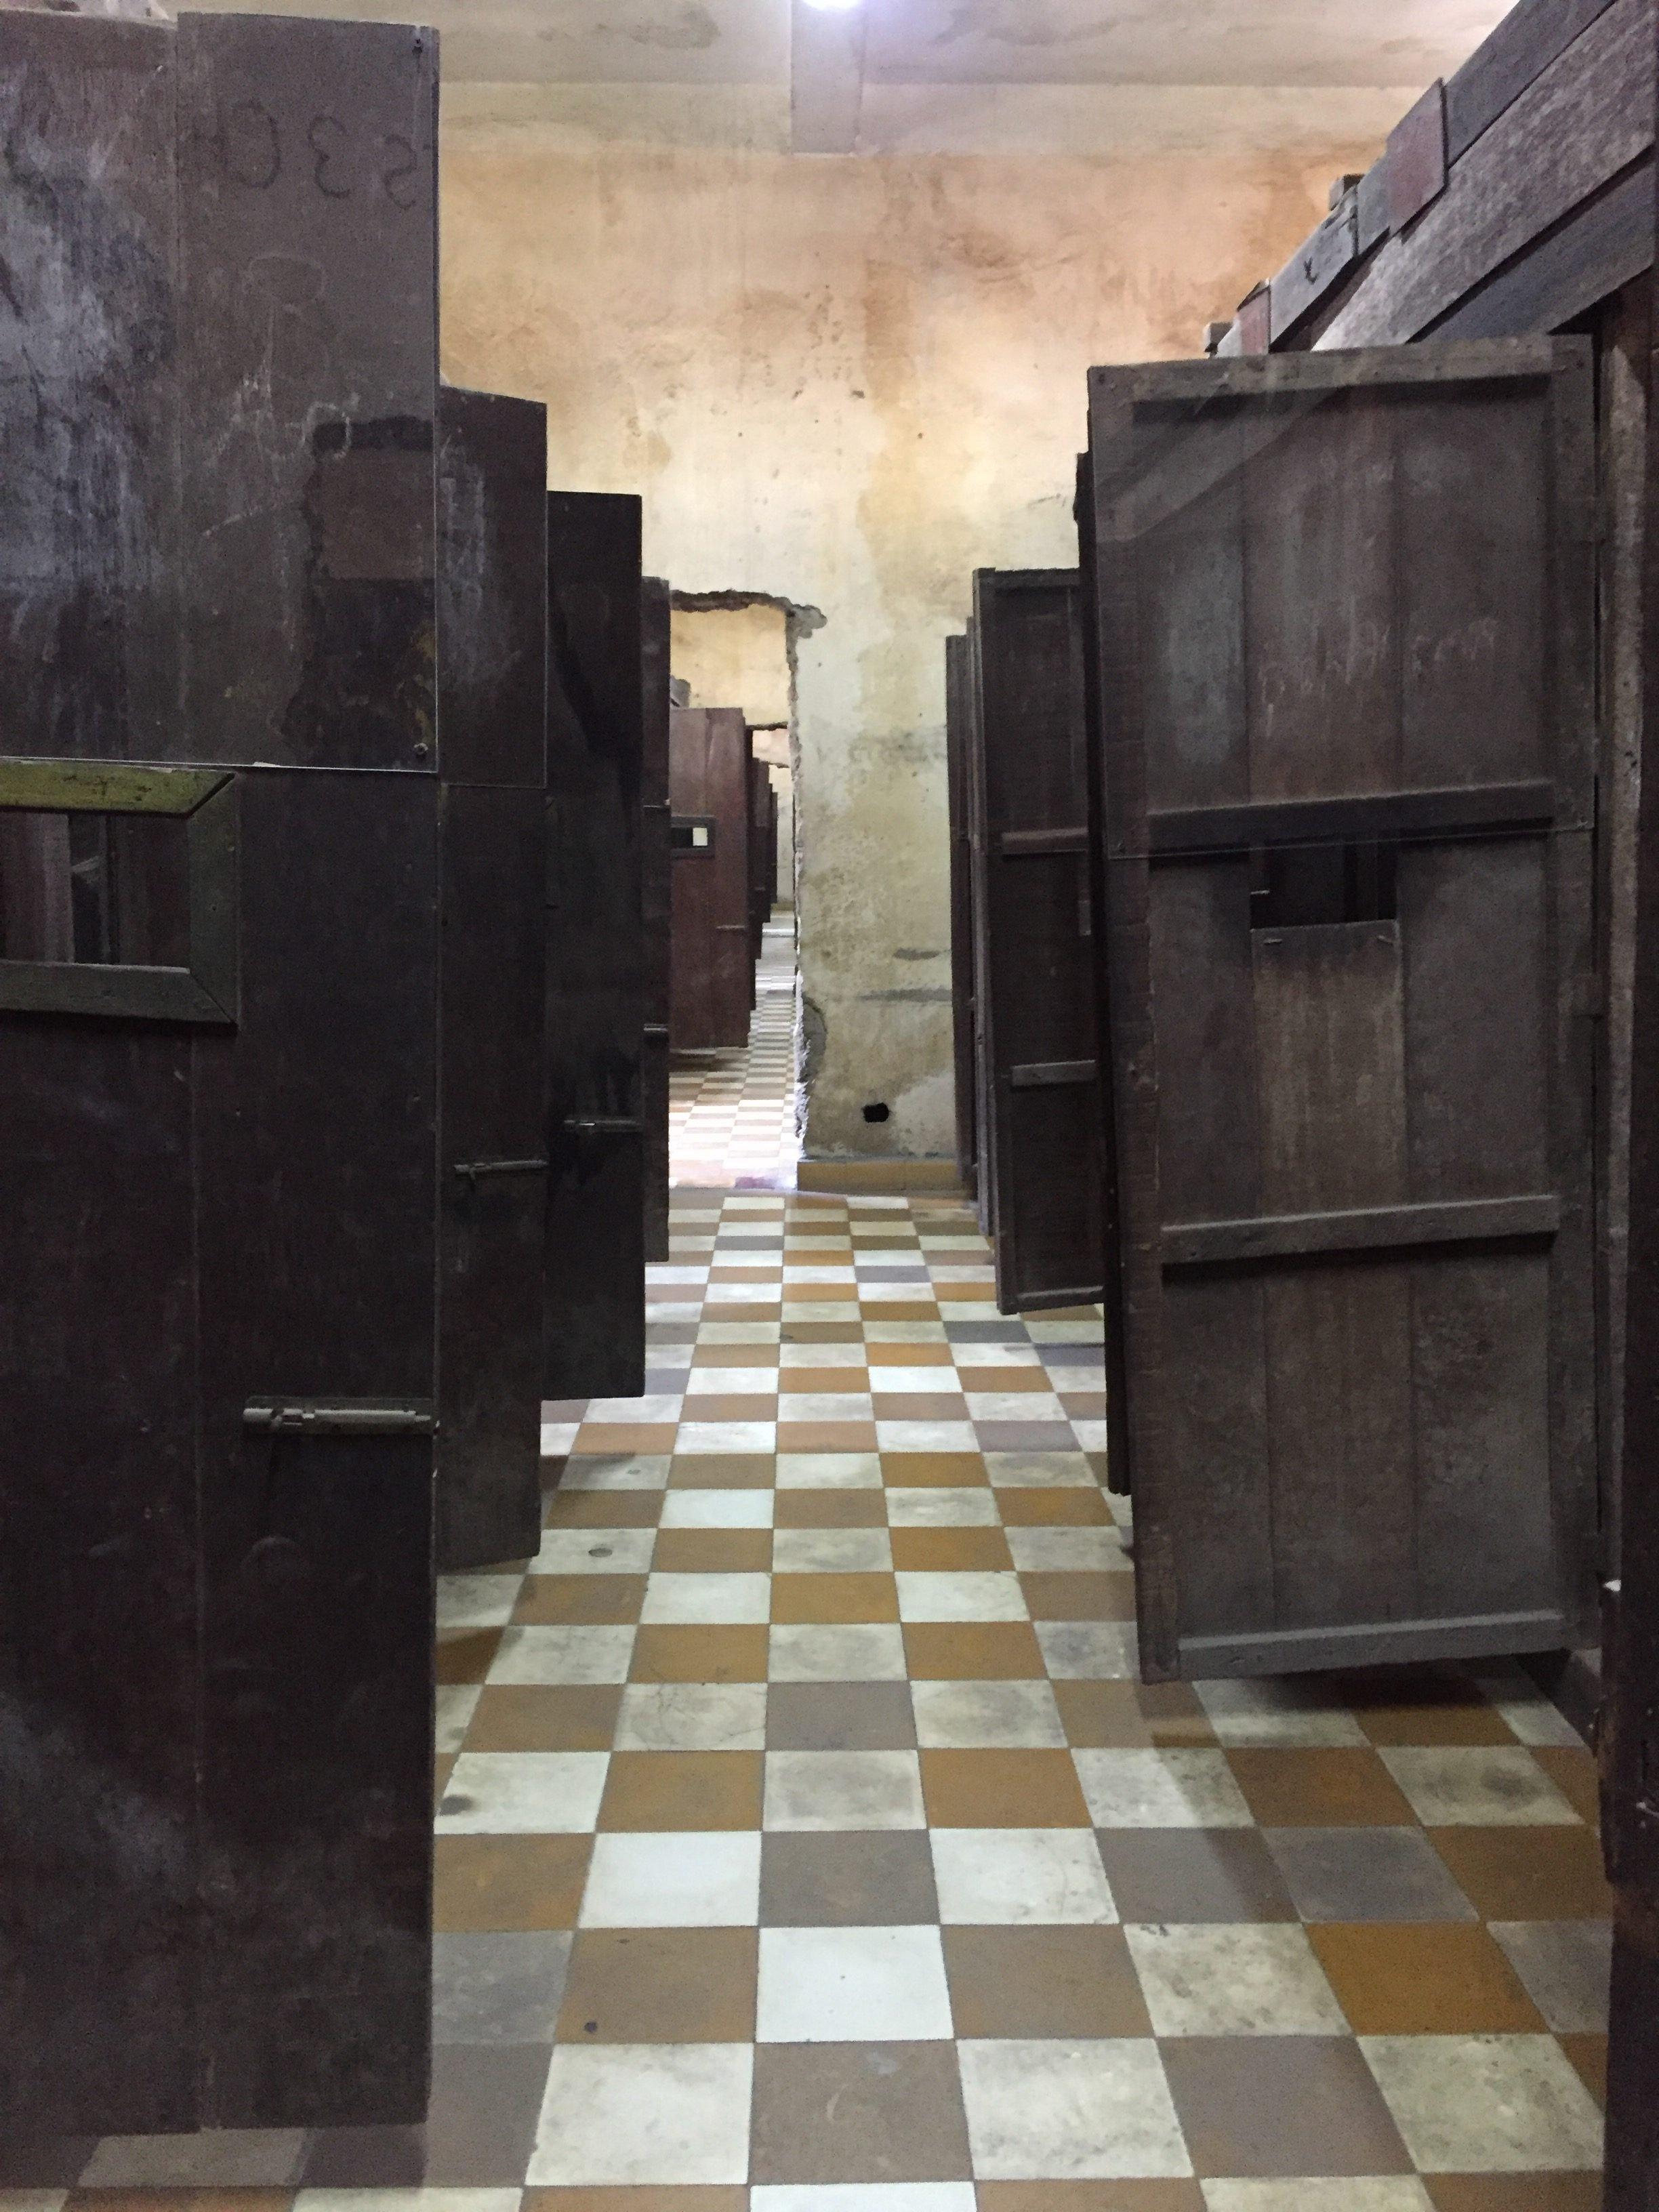 Phnom Penh musée du genocide